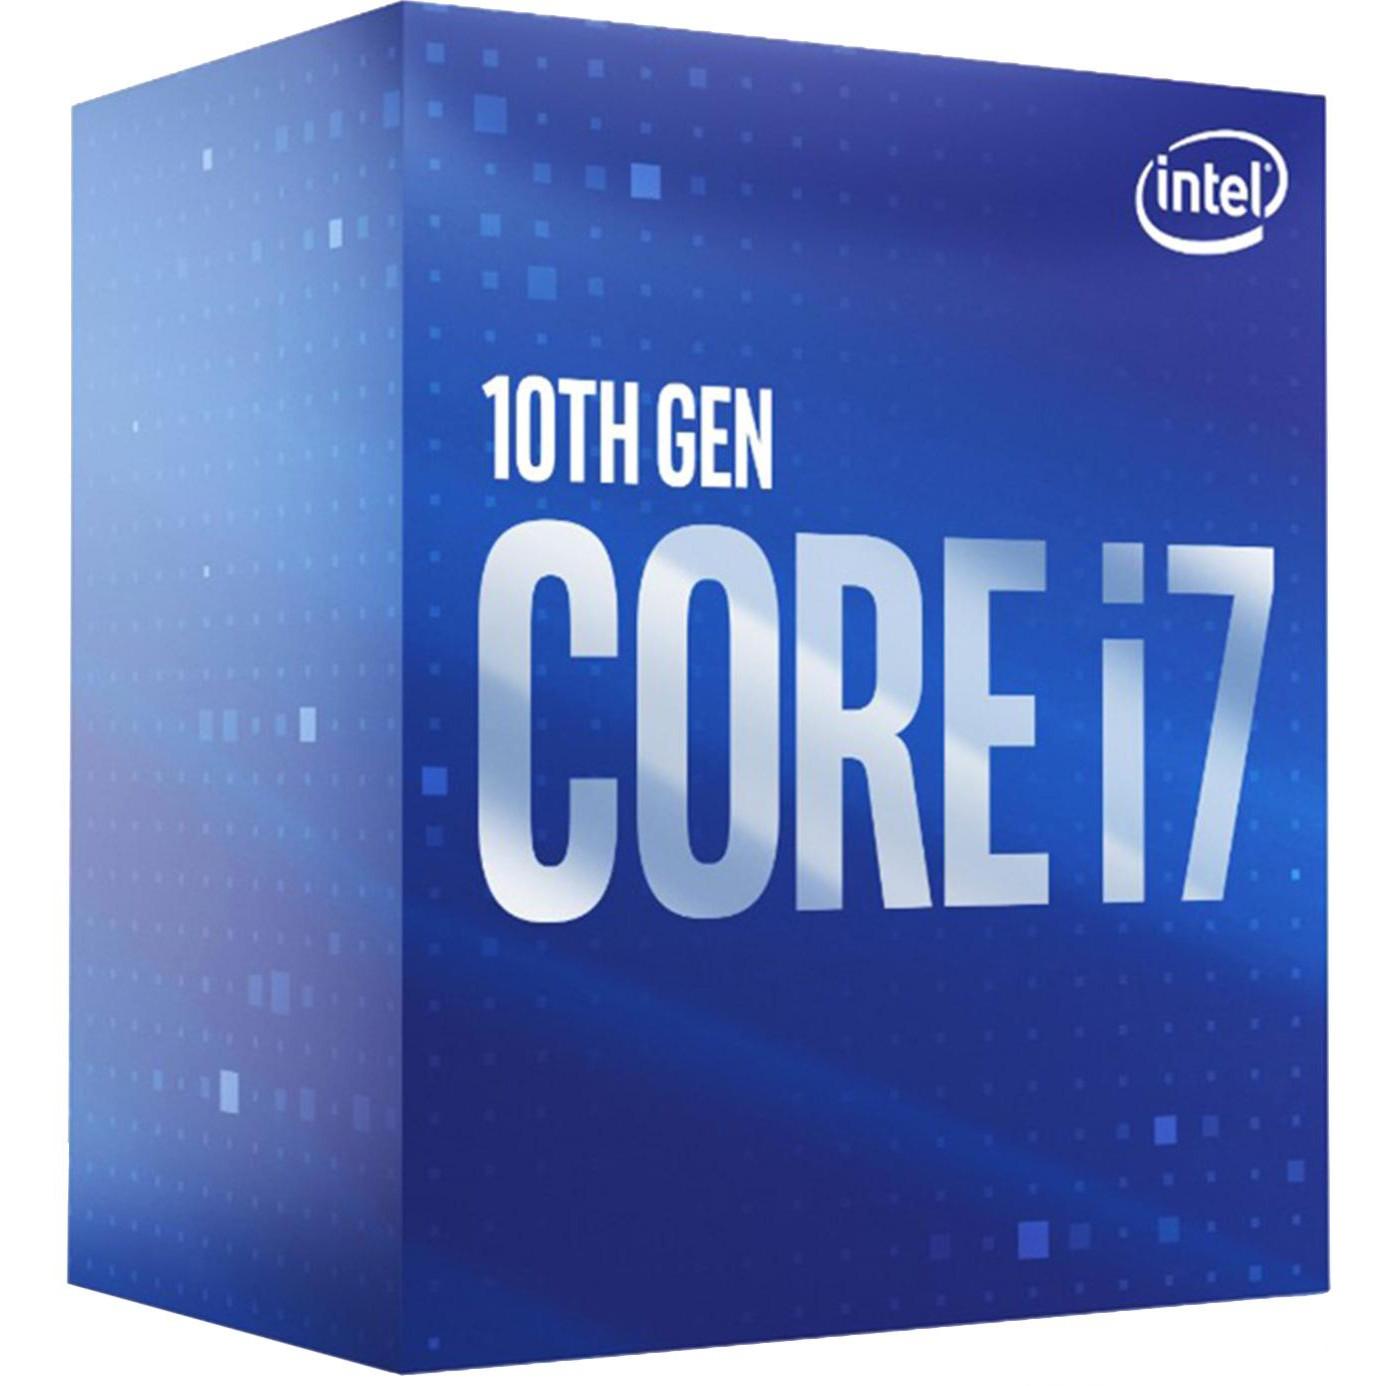 Core i7-10700F